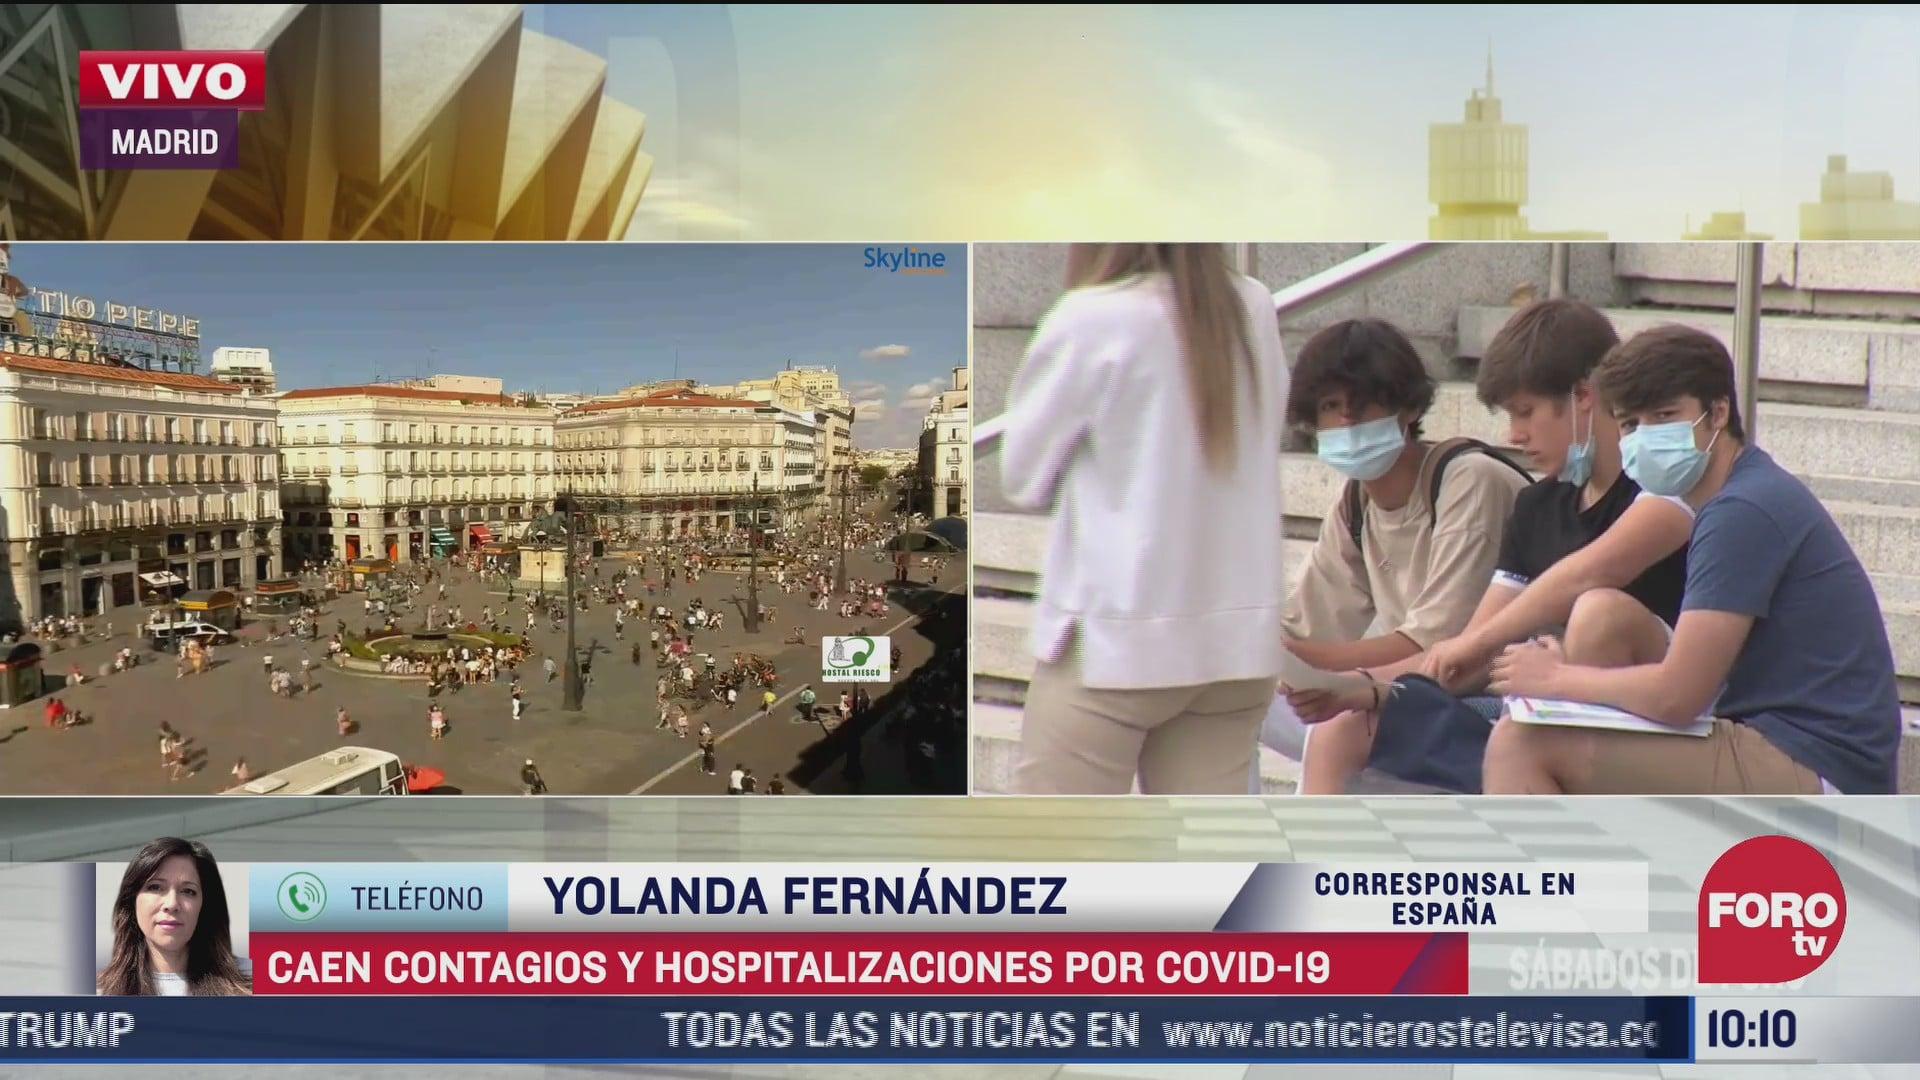 caen contagios y hospitalizaciones por covid en espana